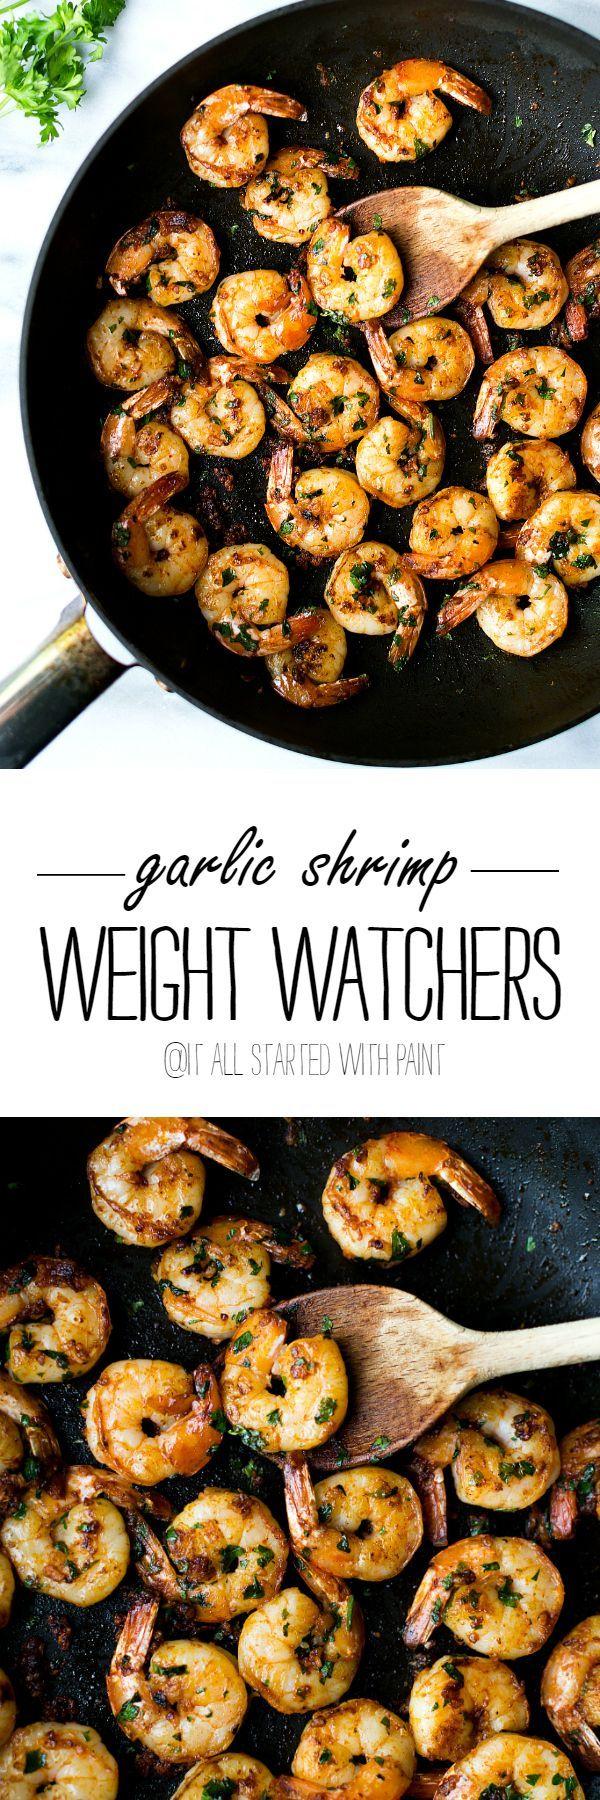 Weight Watchers Garlic Shrimp Recipe - 2 Point Weight Watchers Dinner Recipe…